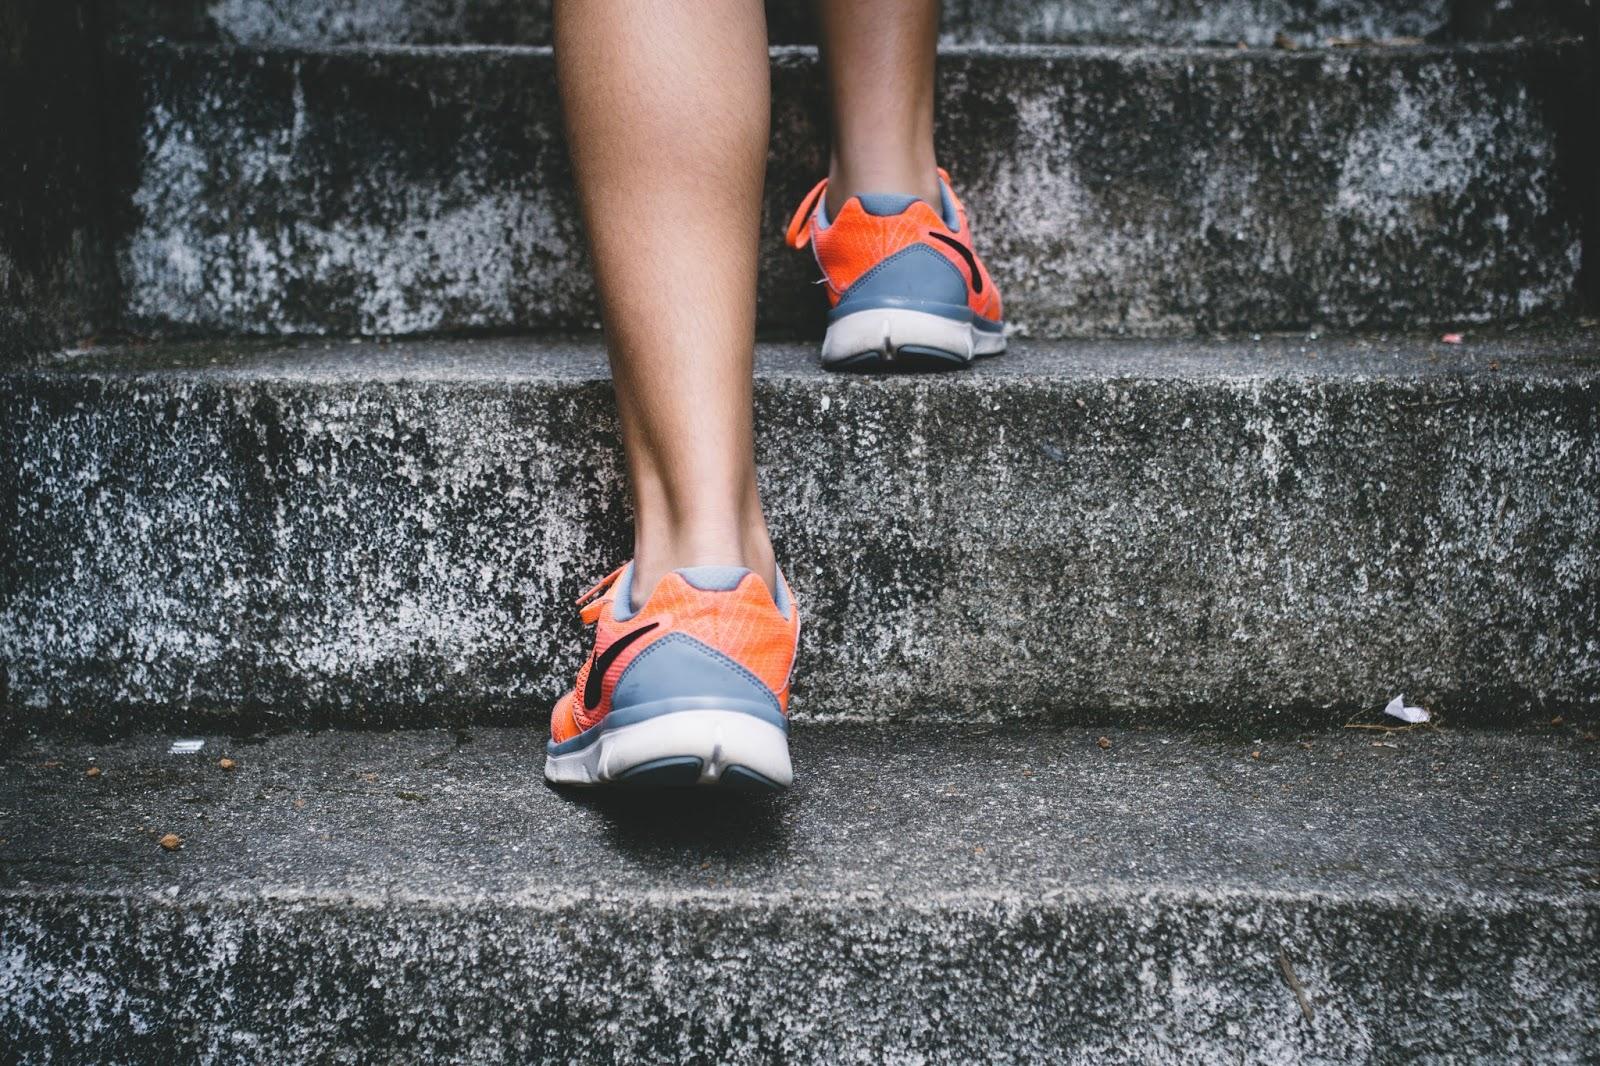 Jak przekonać się do aktywności fizycznej? Jak zacząć ćwiczyć?